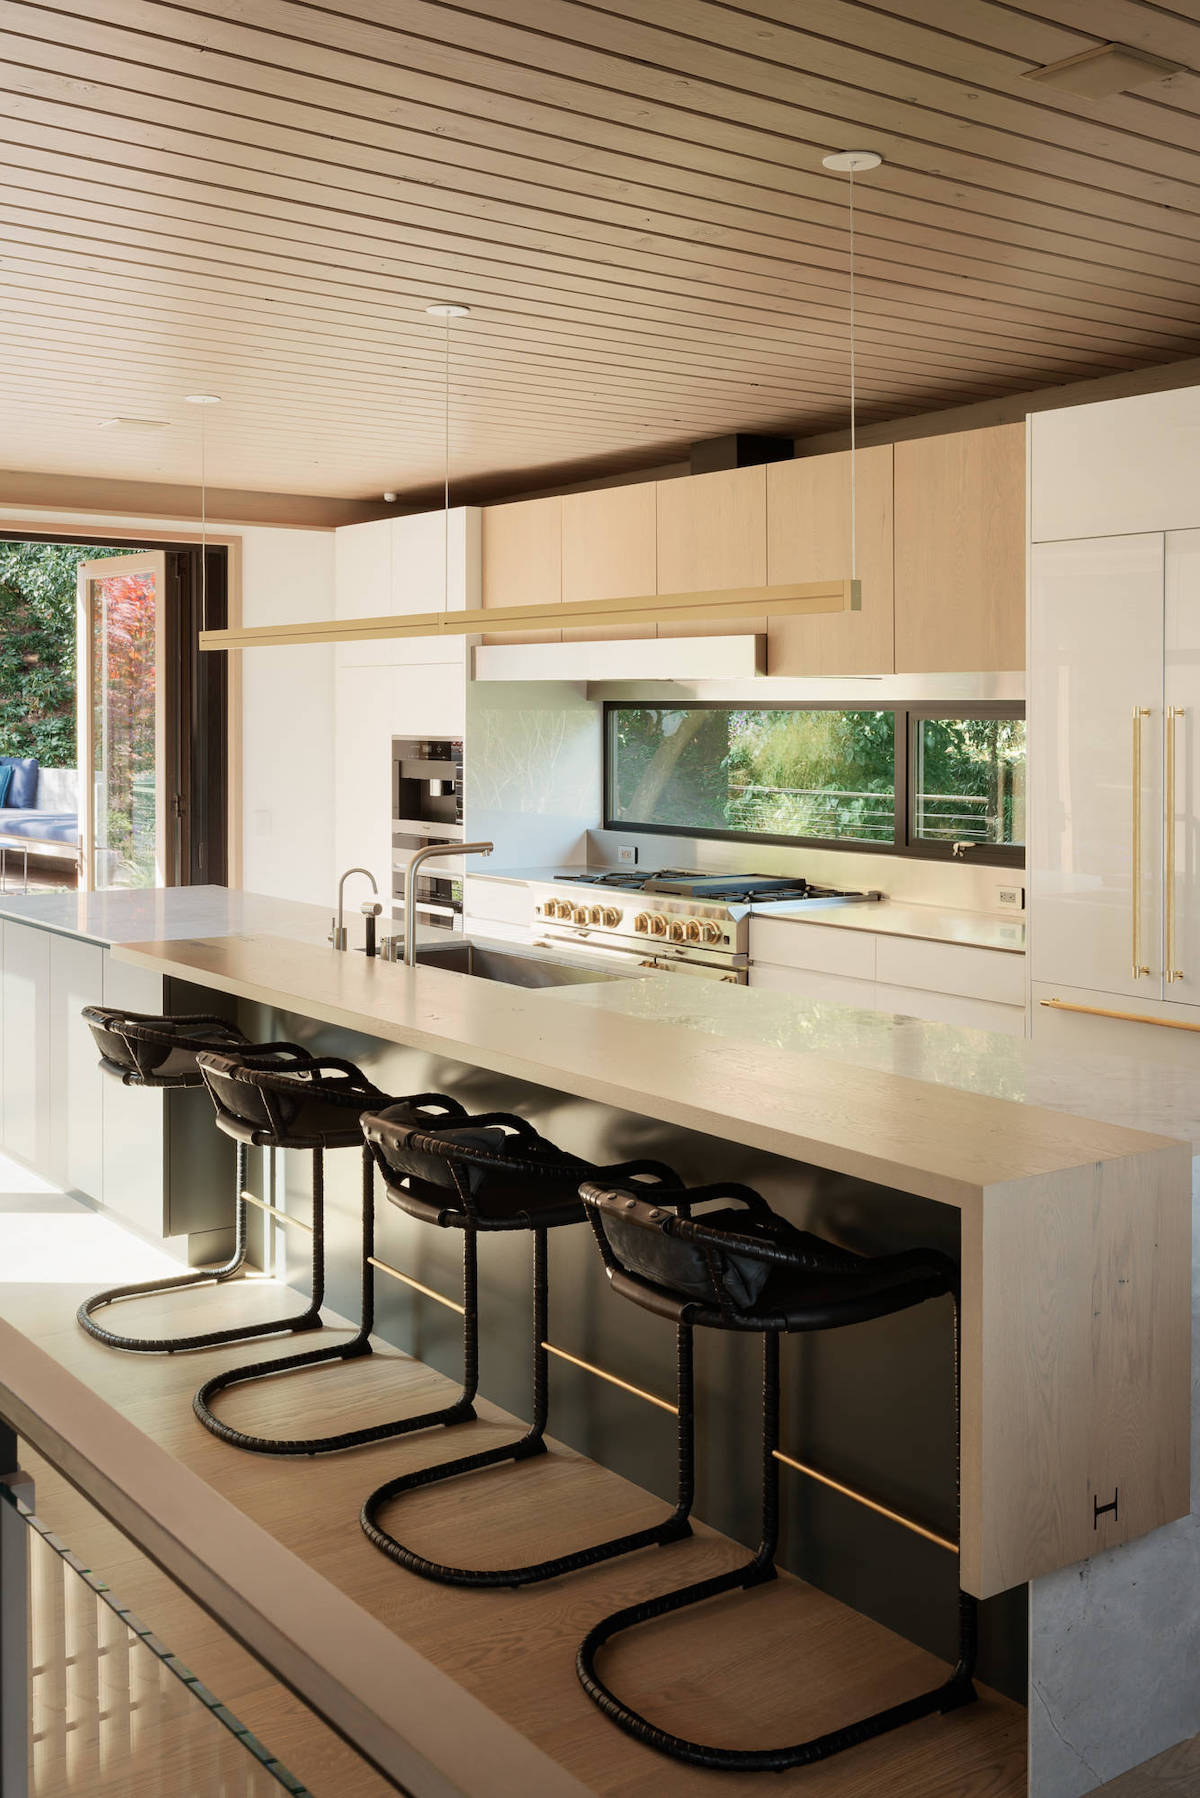 cuisine ouverte porte fenêtre vitrée - blog déco - clemaroundthecorner